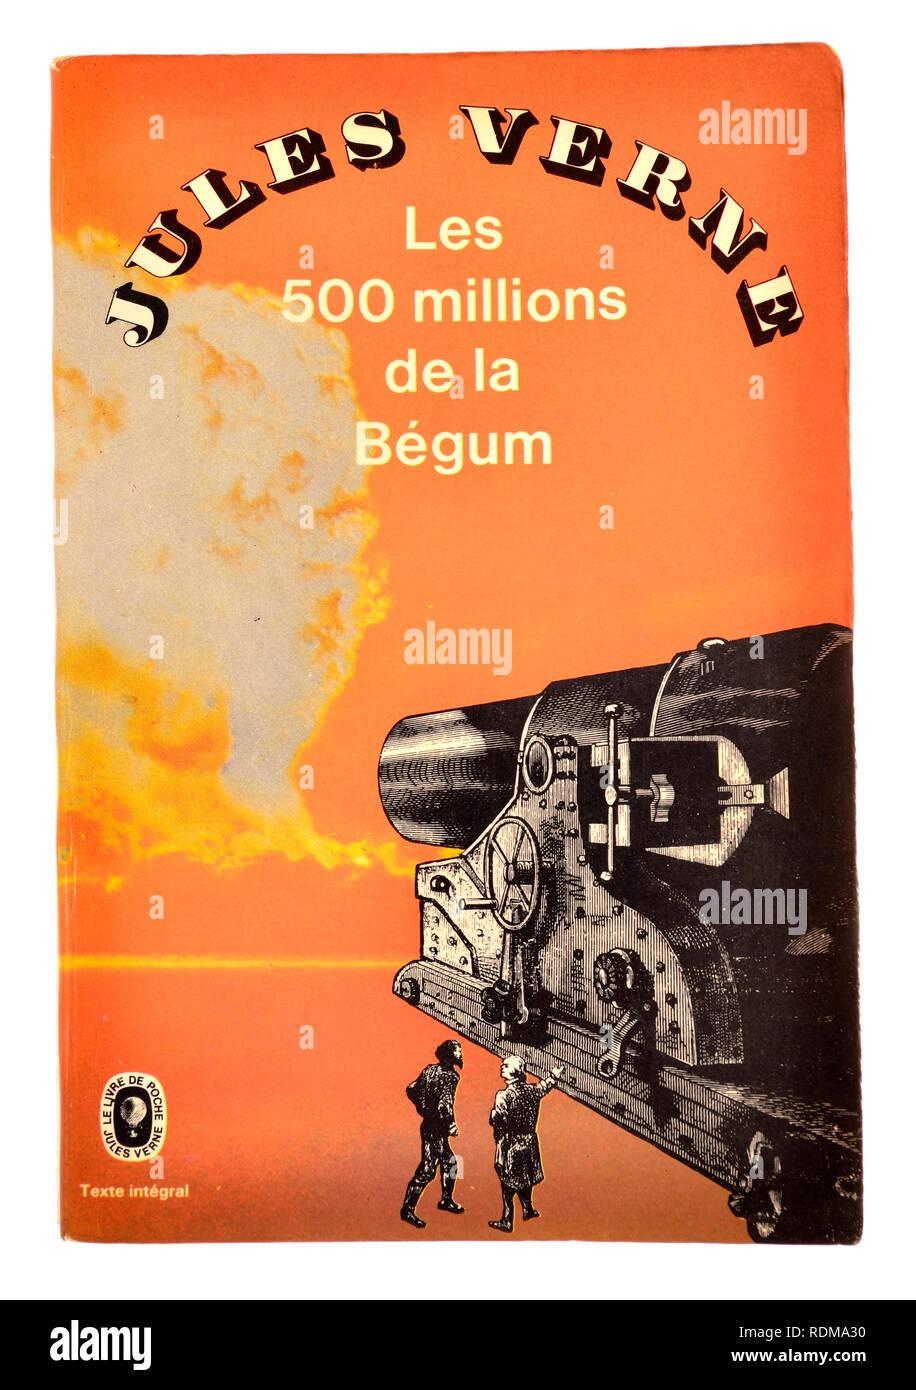 Les 500 millions de la Begum  (Jules Verne: 1879) The Begum's Fortune / The Begum's Millions, French edition - Stock Image